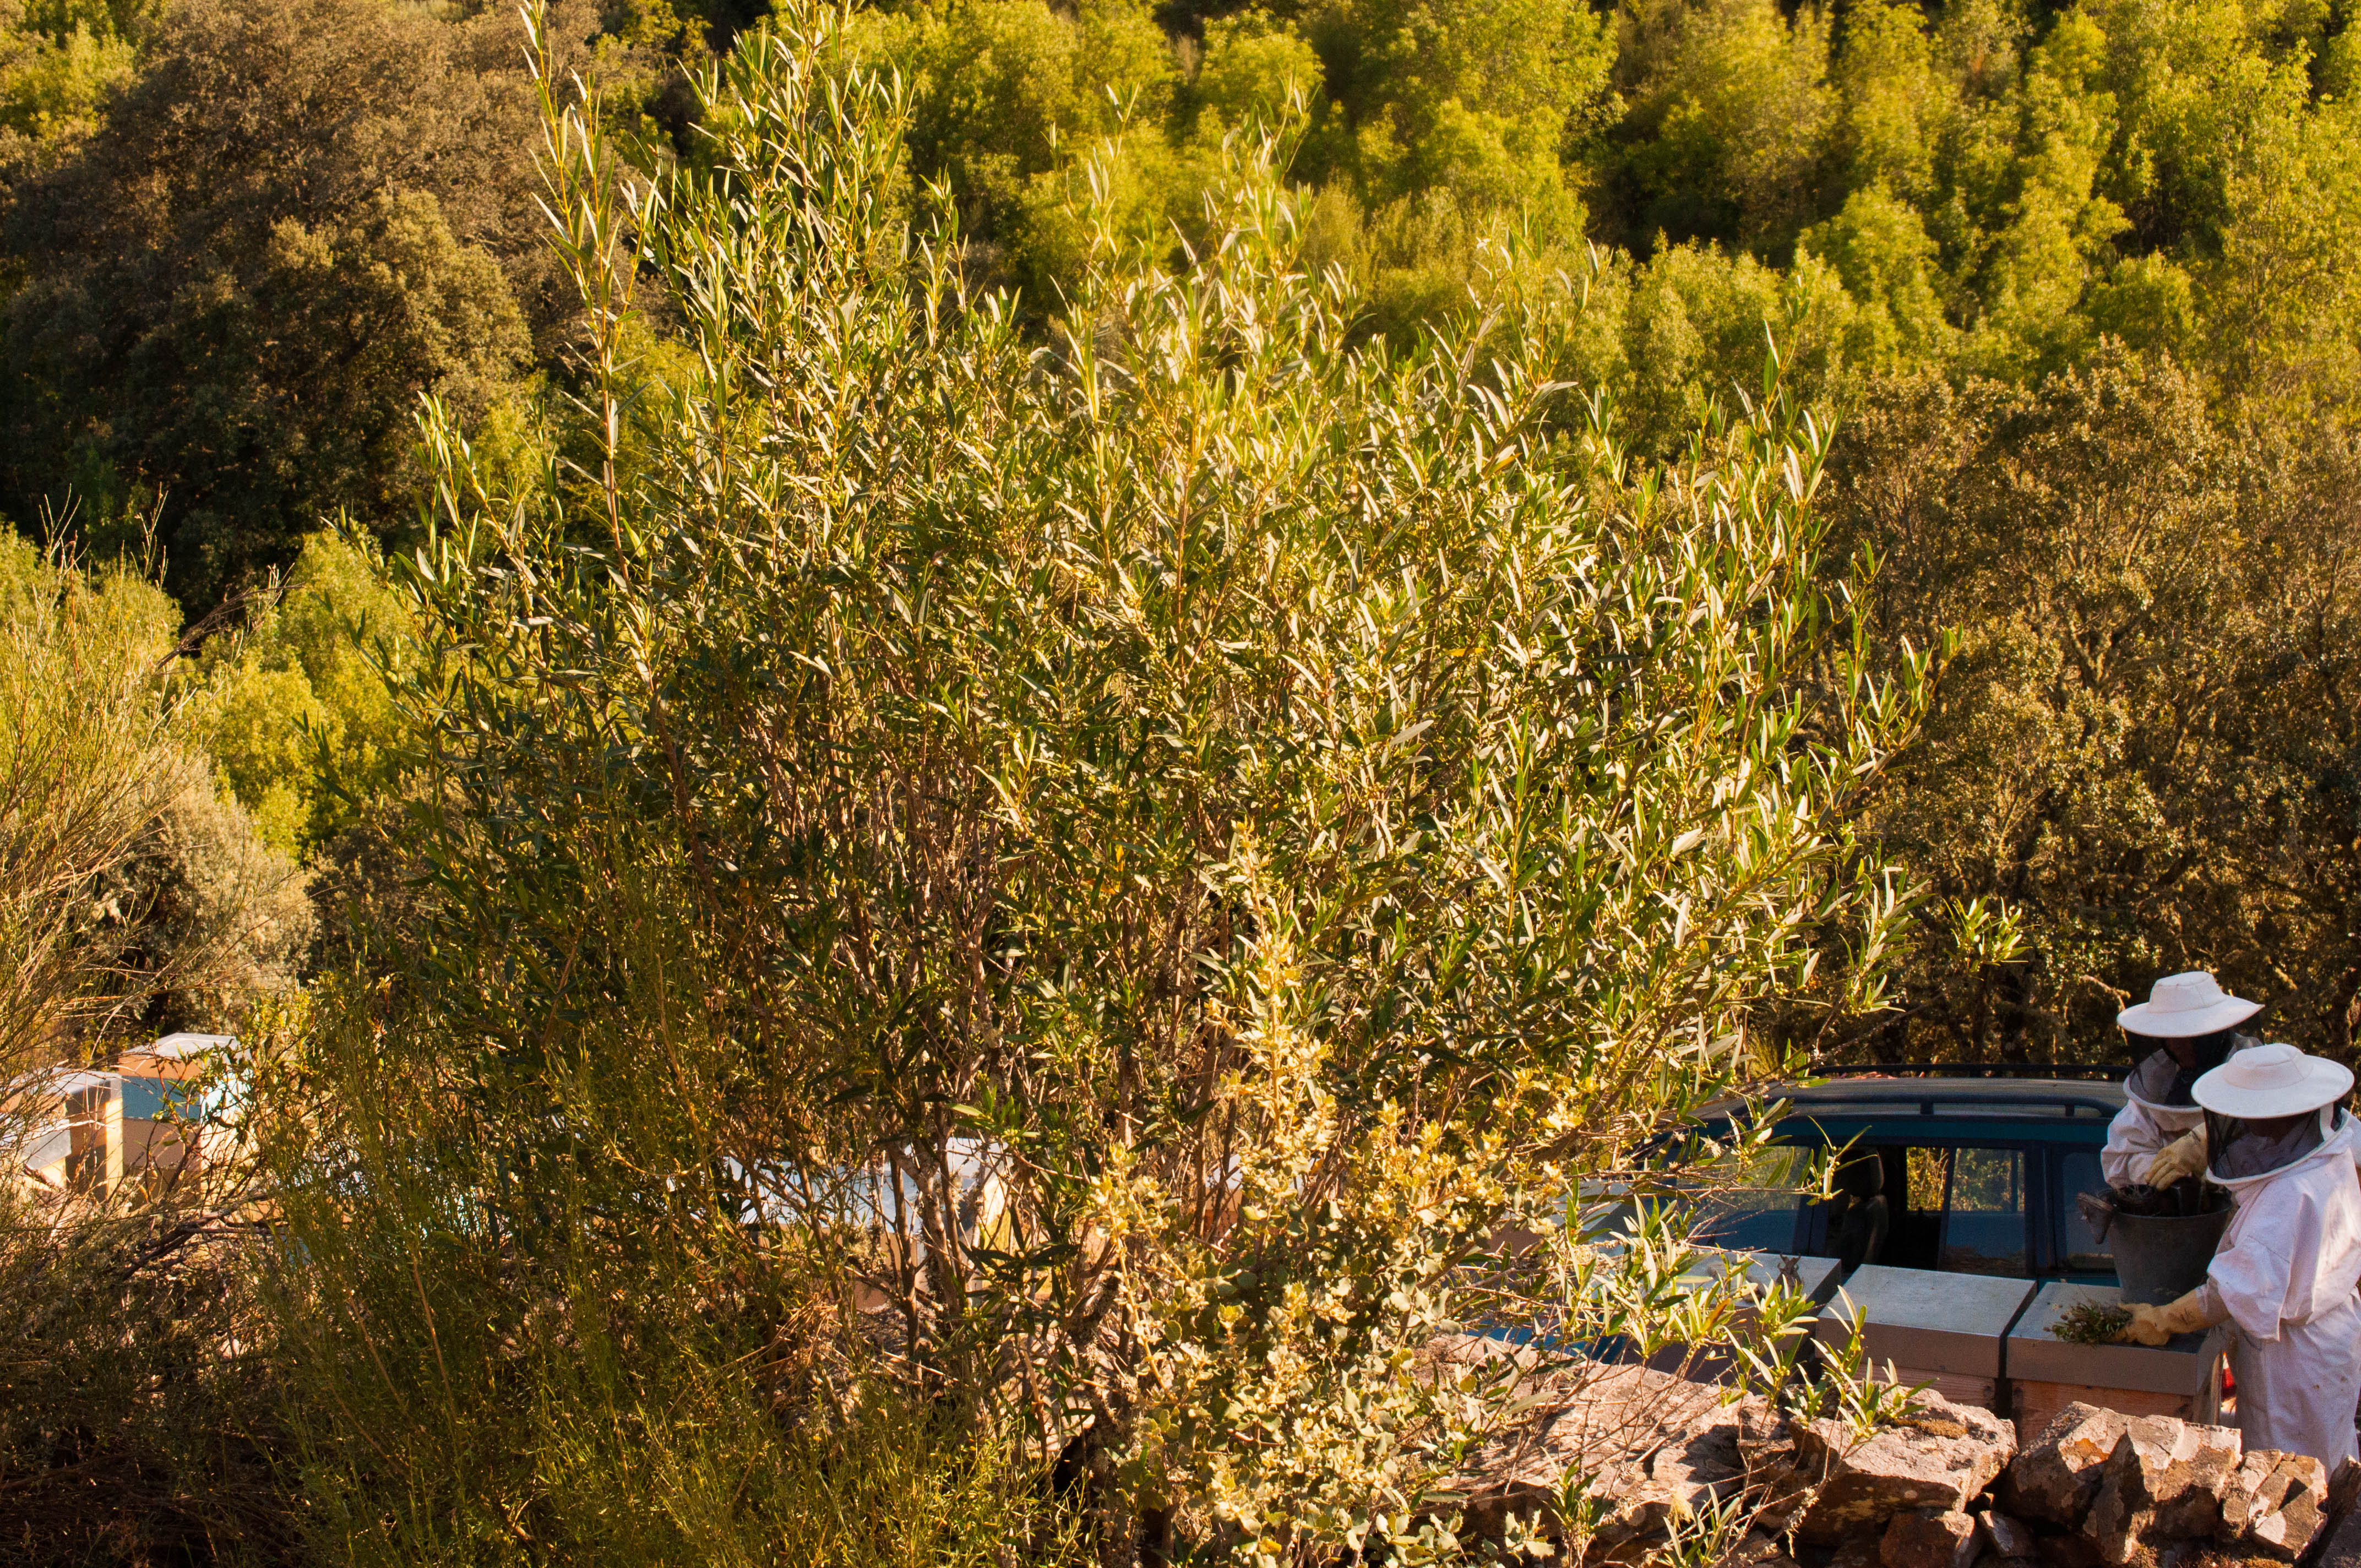 Phillyrea angustifolia Las Obreras de Aliste CB Artesanos de la Miel Aliste Gallegos del Campo Artesanos de la Miel